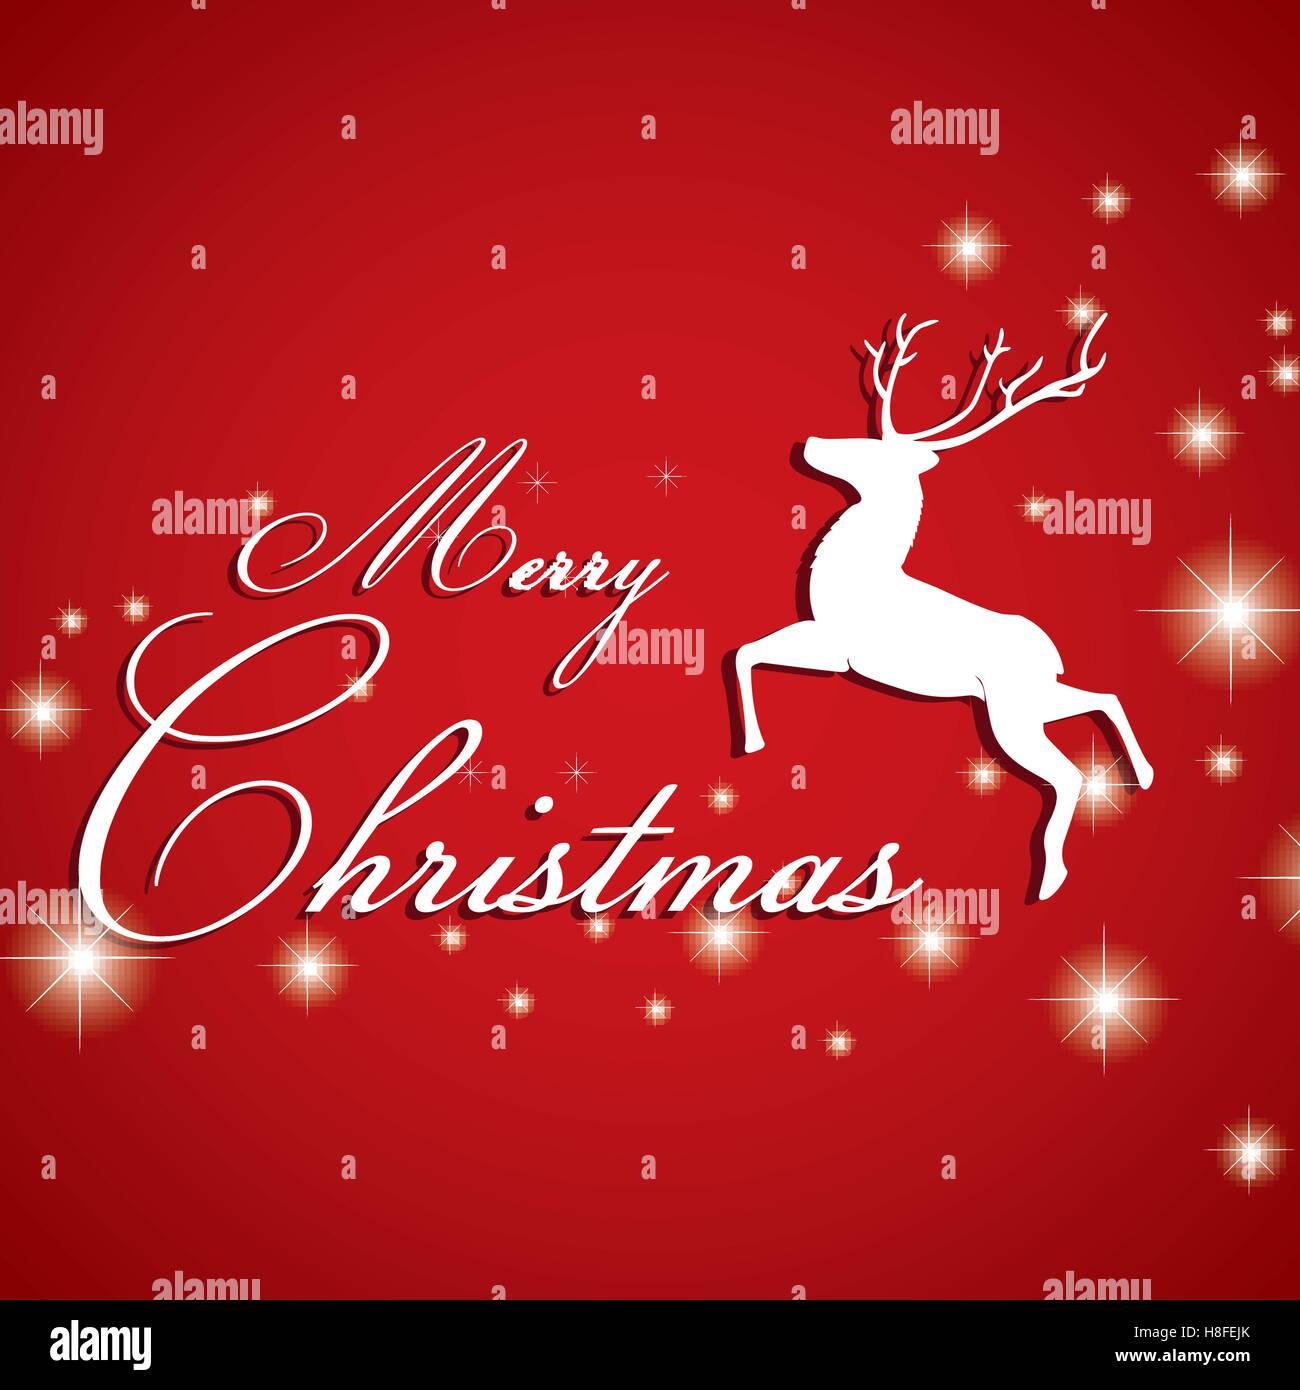 Sfondi Natalizi Renne.Renne Di Natale Immagini Renne Di Natale Fotos Stock Alamy